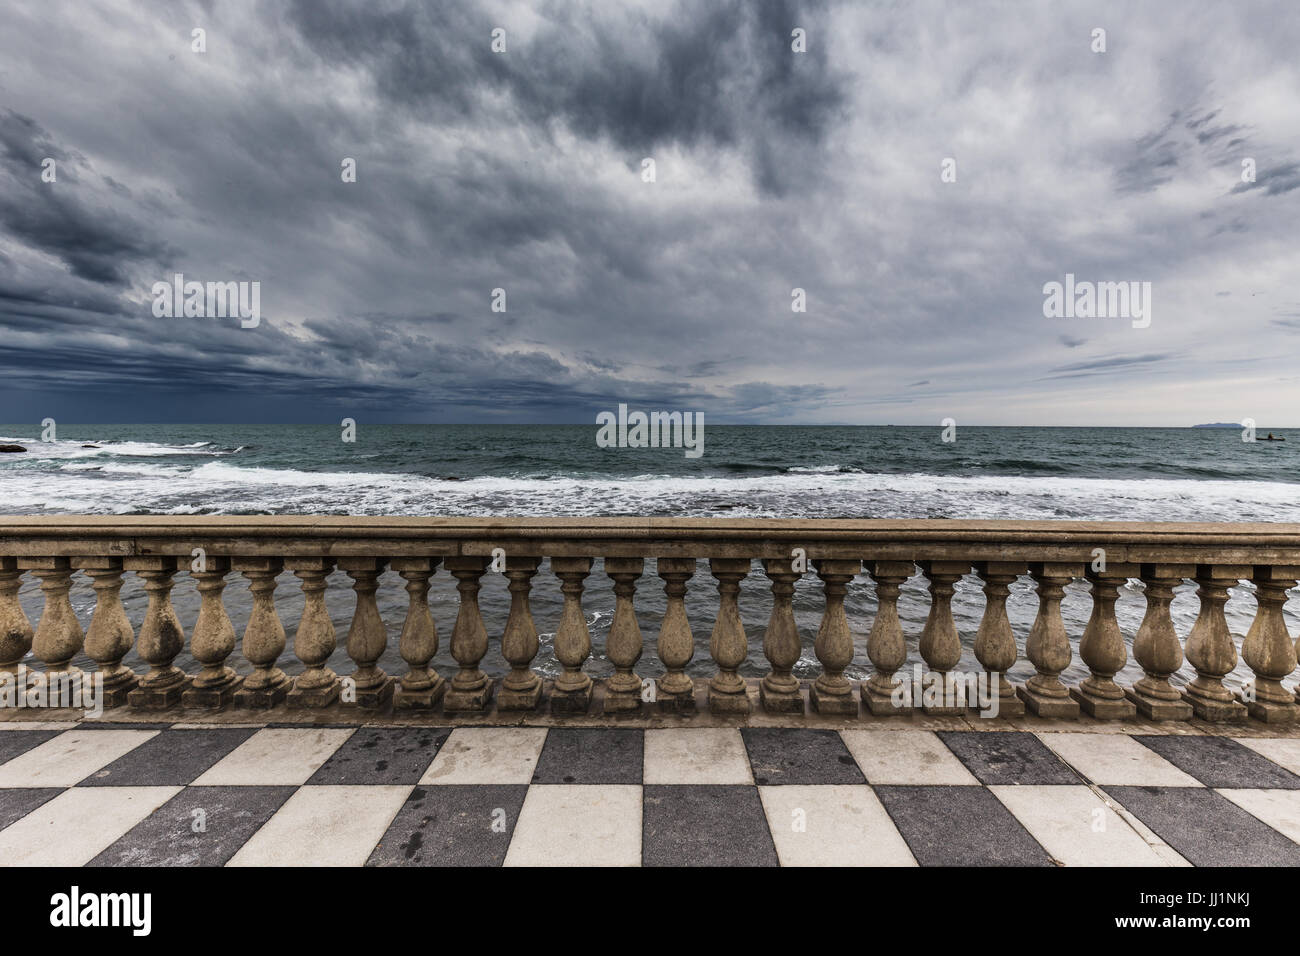 Terrazza Mascagni in Livorno, Tuscany, Italy Stock Photo, Royalty ...